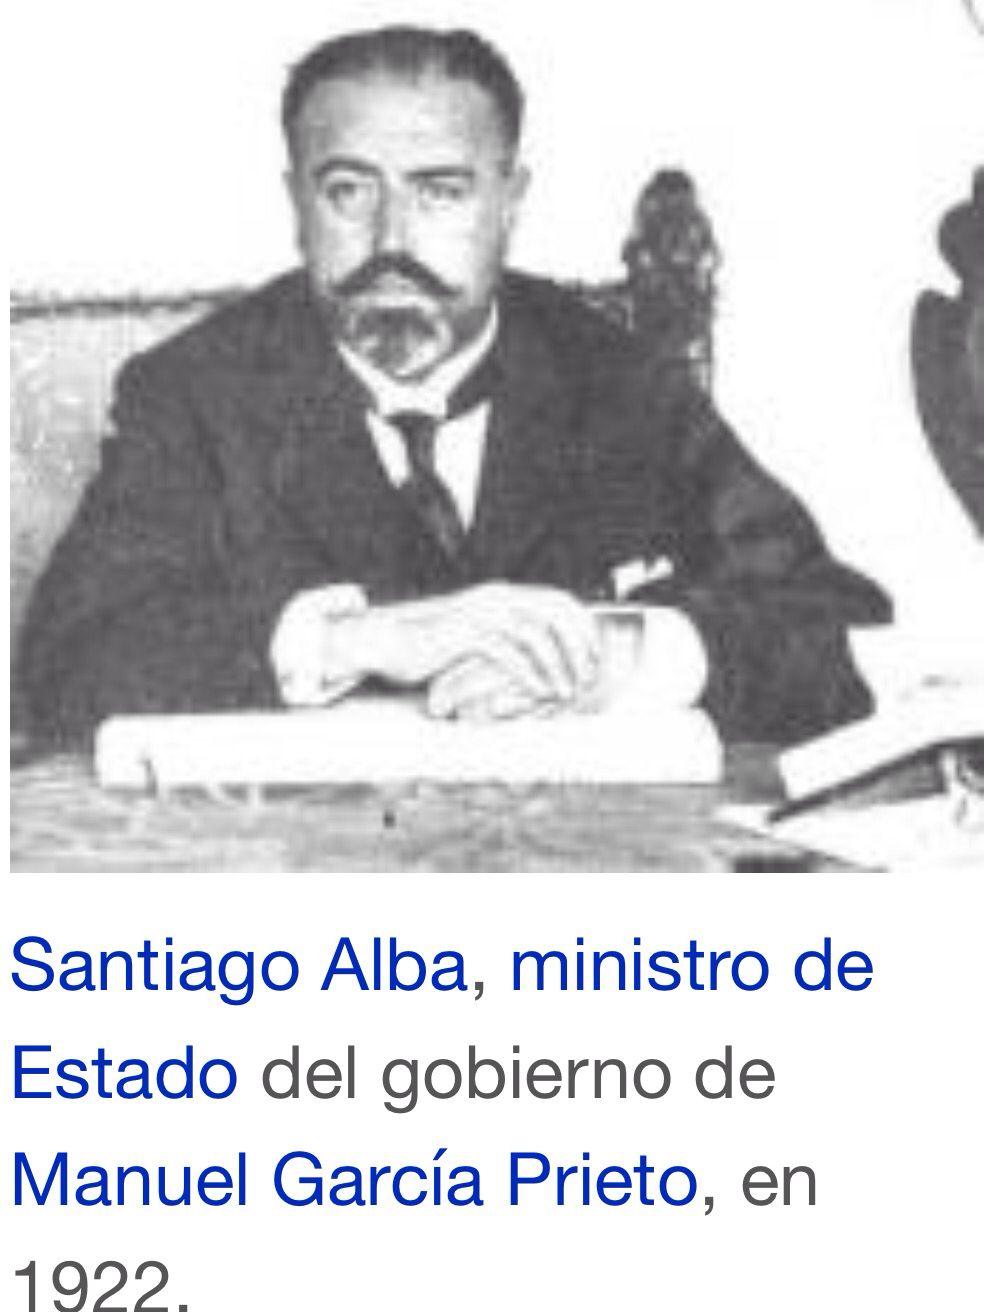 Político español, natural de Zamora, ministro de numerosas carteras en los gobiernos de Alfonso XIII y presidente de las Cortes de 1933 a 1935.